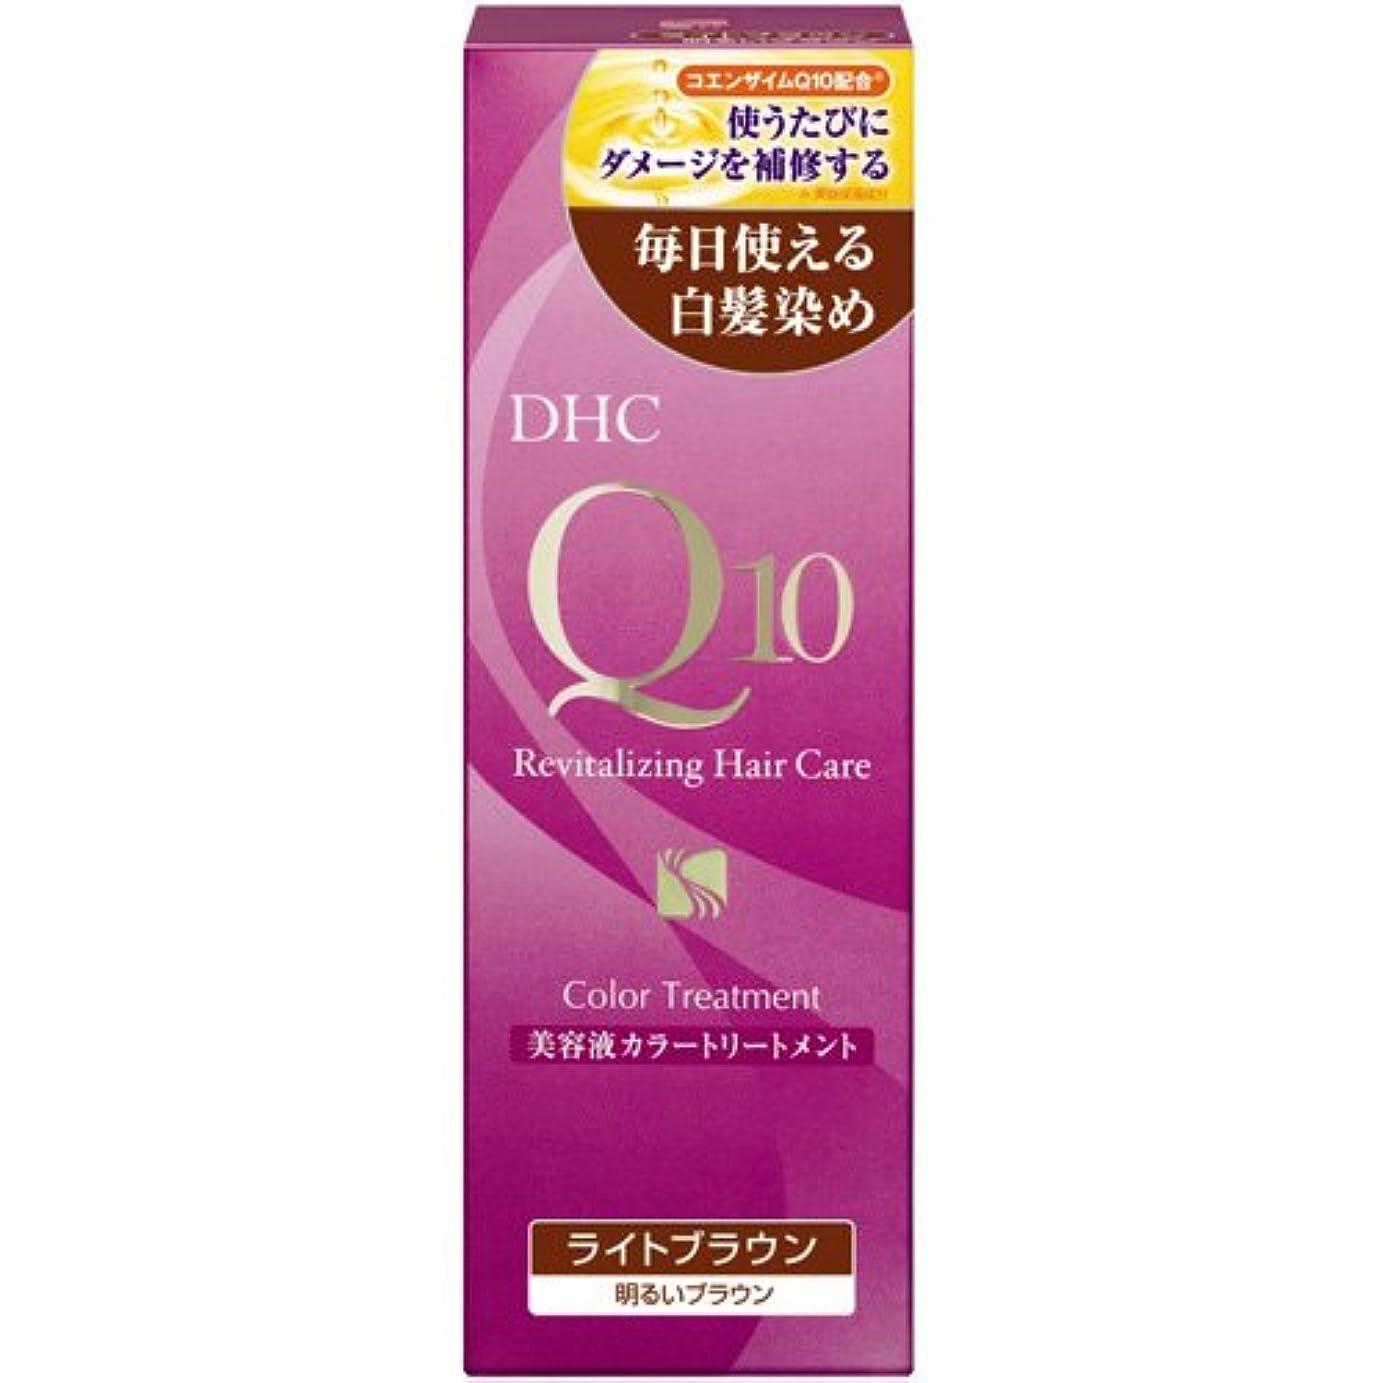 バン鹿調和DHC Q10美溶液カラートリートメントLブラウンSS170g